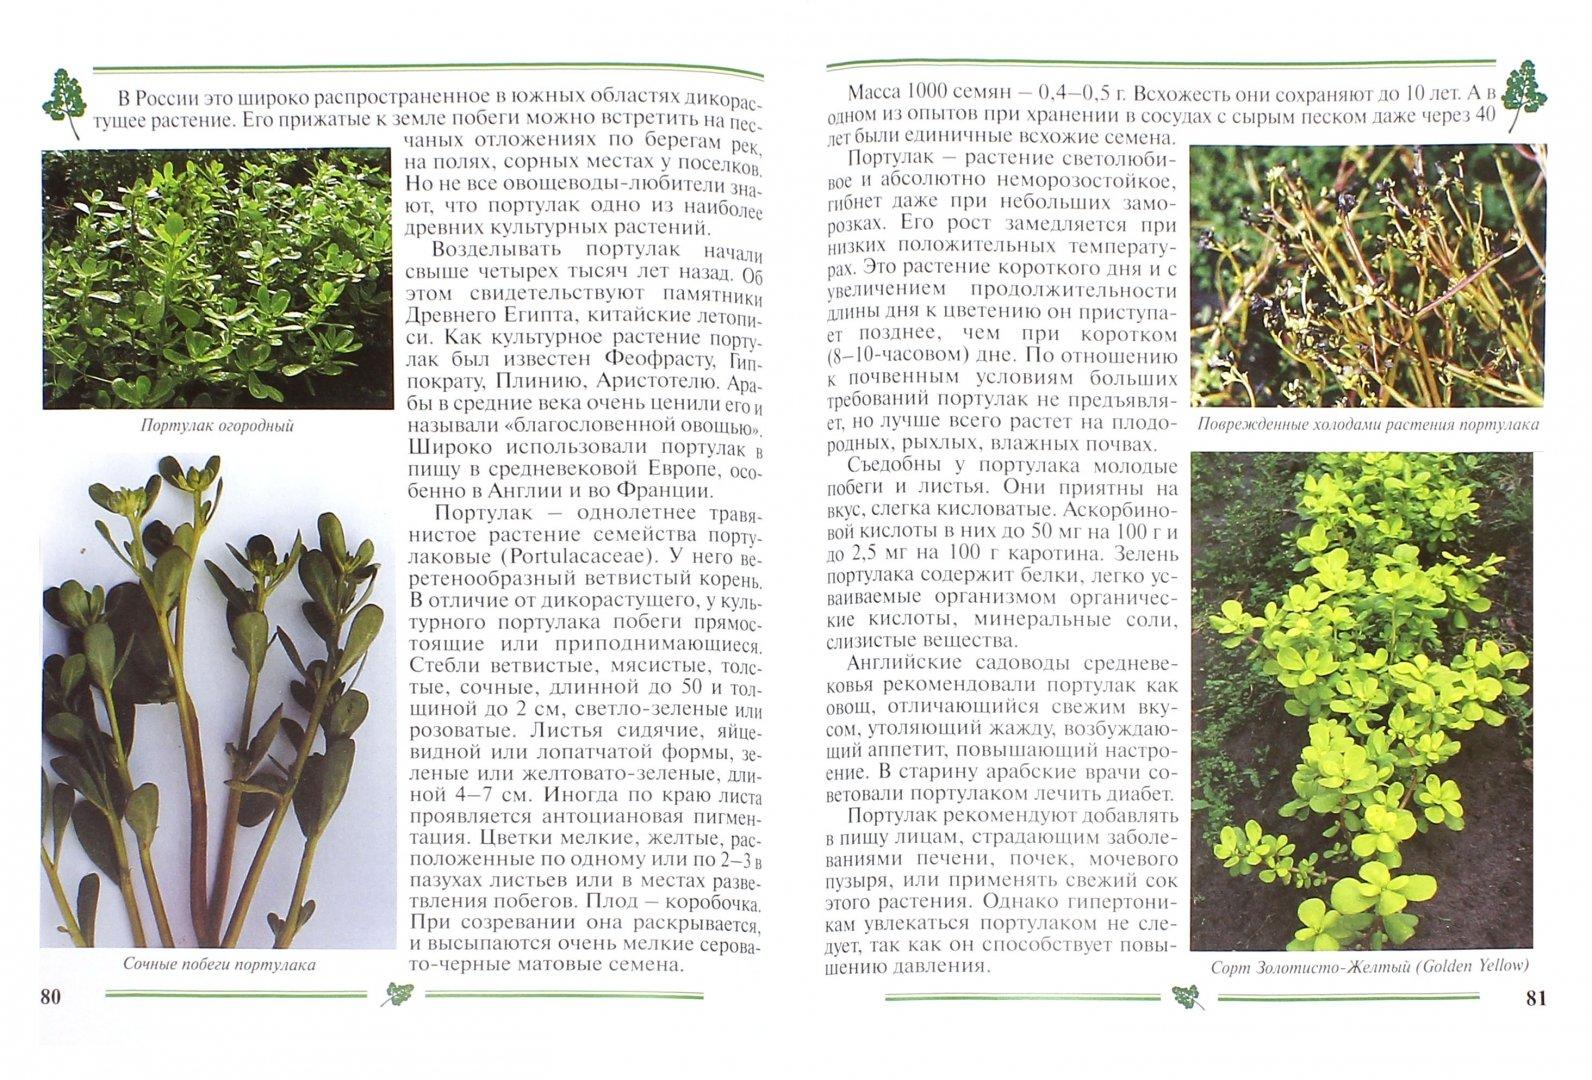 Иллюстрация 1 из 5 для Зеленные овощи. Пособие для садоводов-любителей - Гиренко, Зверева   Лабиринт - книги. Источник: Лабиринт